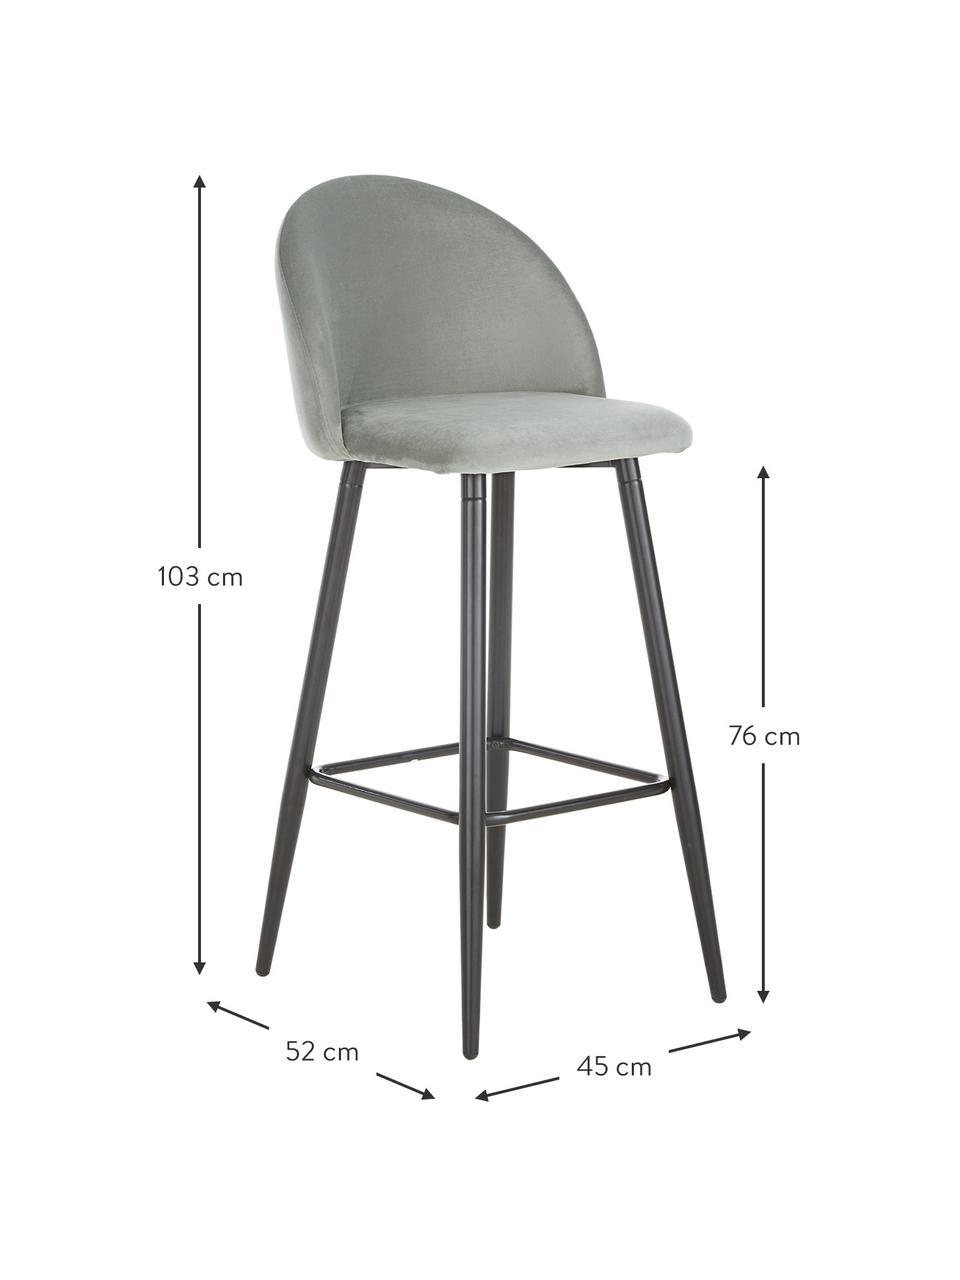 Sedia da bar in velluto grigio Amy, Rivestimento: velluto (poliestere) Il r, Gambe: metallo verniciato a polv, Rivestimento: grigio Gambe: nero opaco, Larg. 45 x Alt. 103 cm